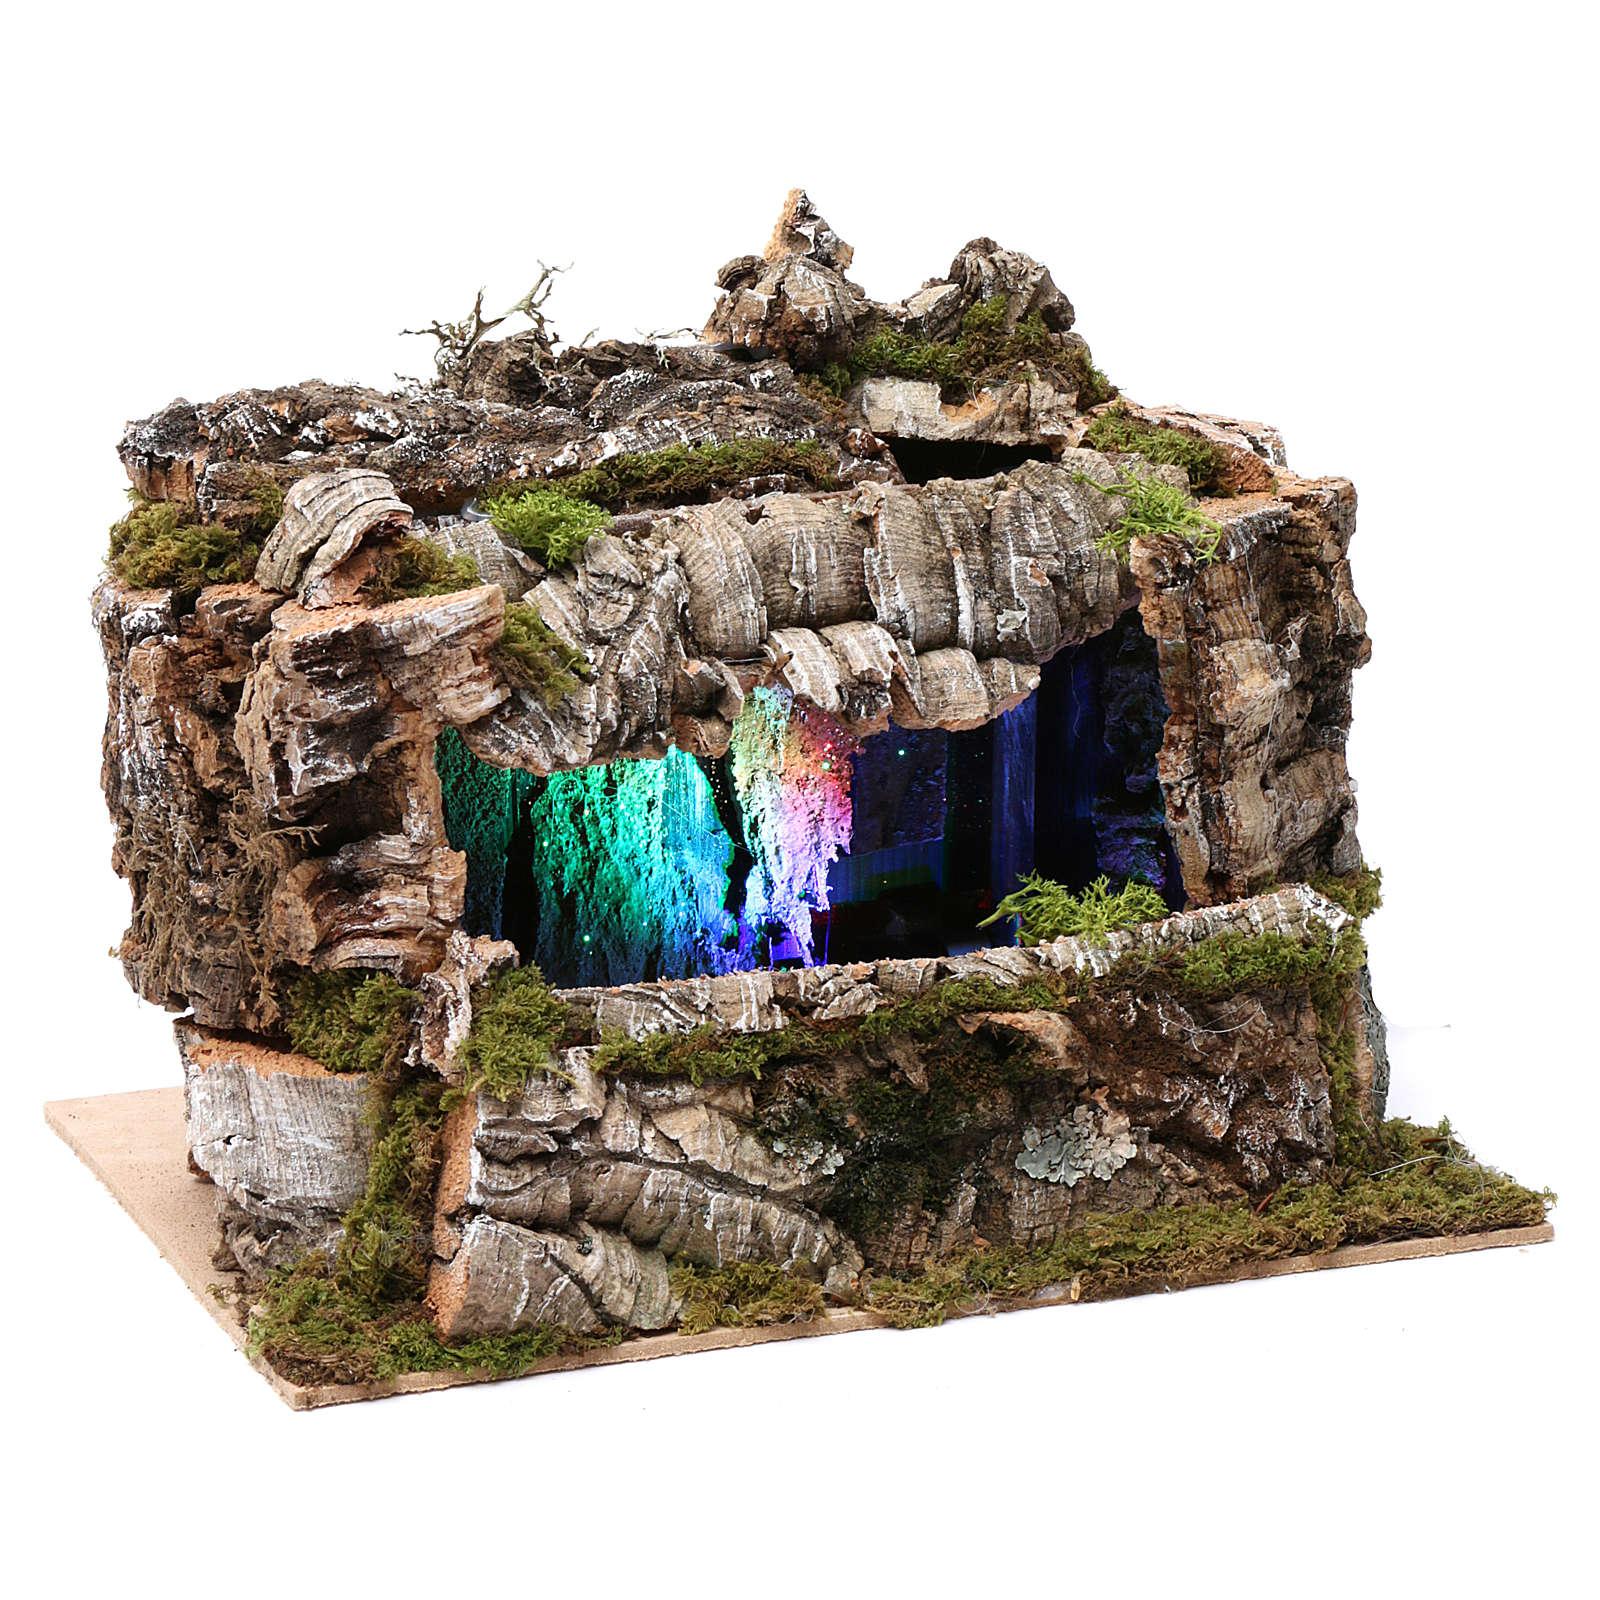 Grotta con torrente e gioco di luci 30X30X20 cm per figure 10-13 cm 4